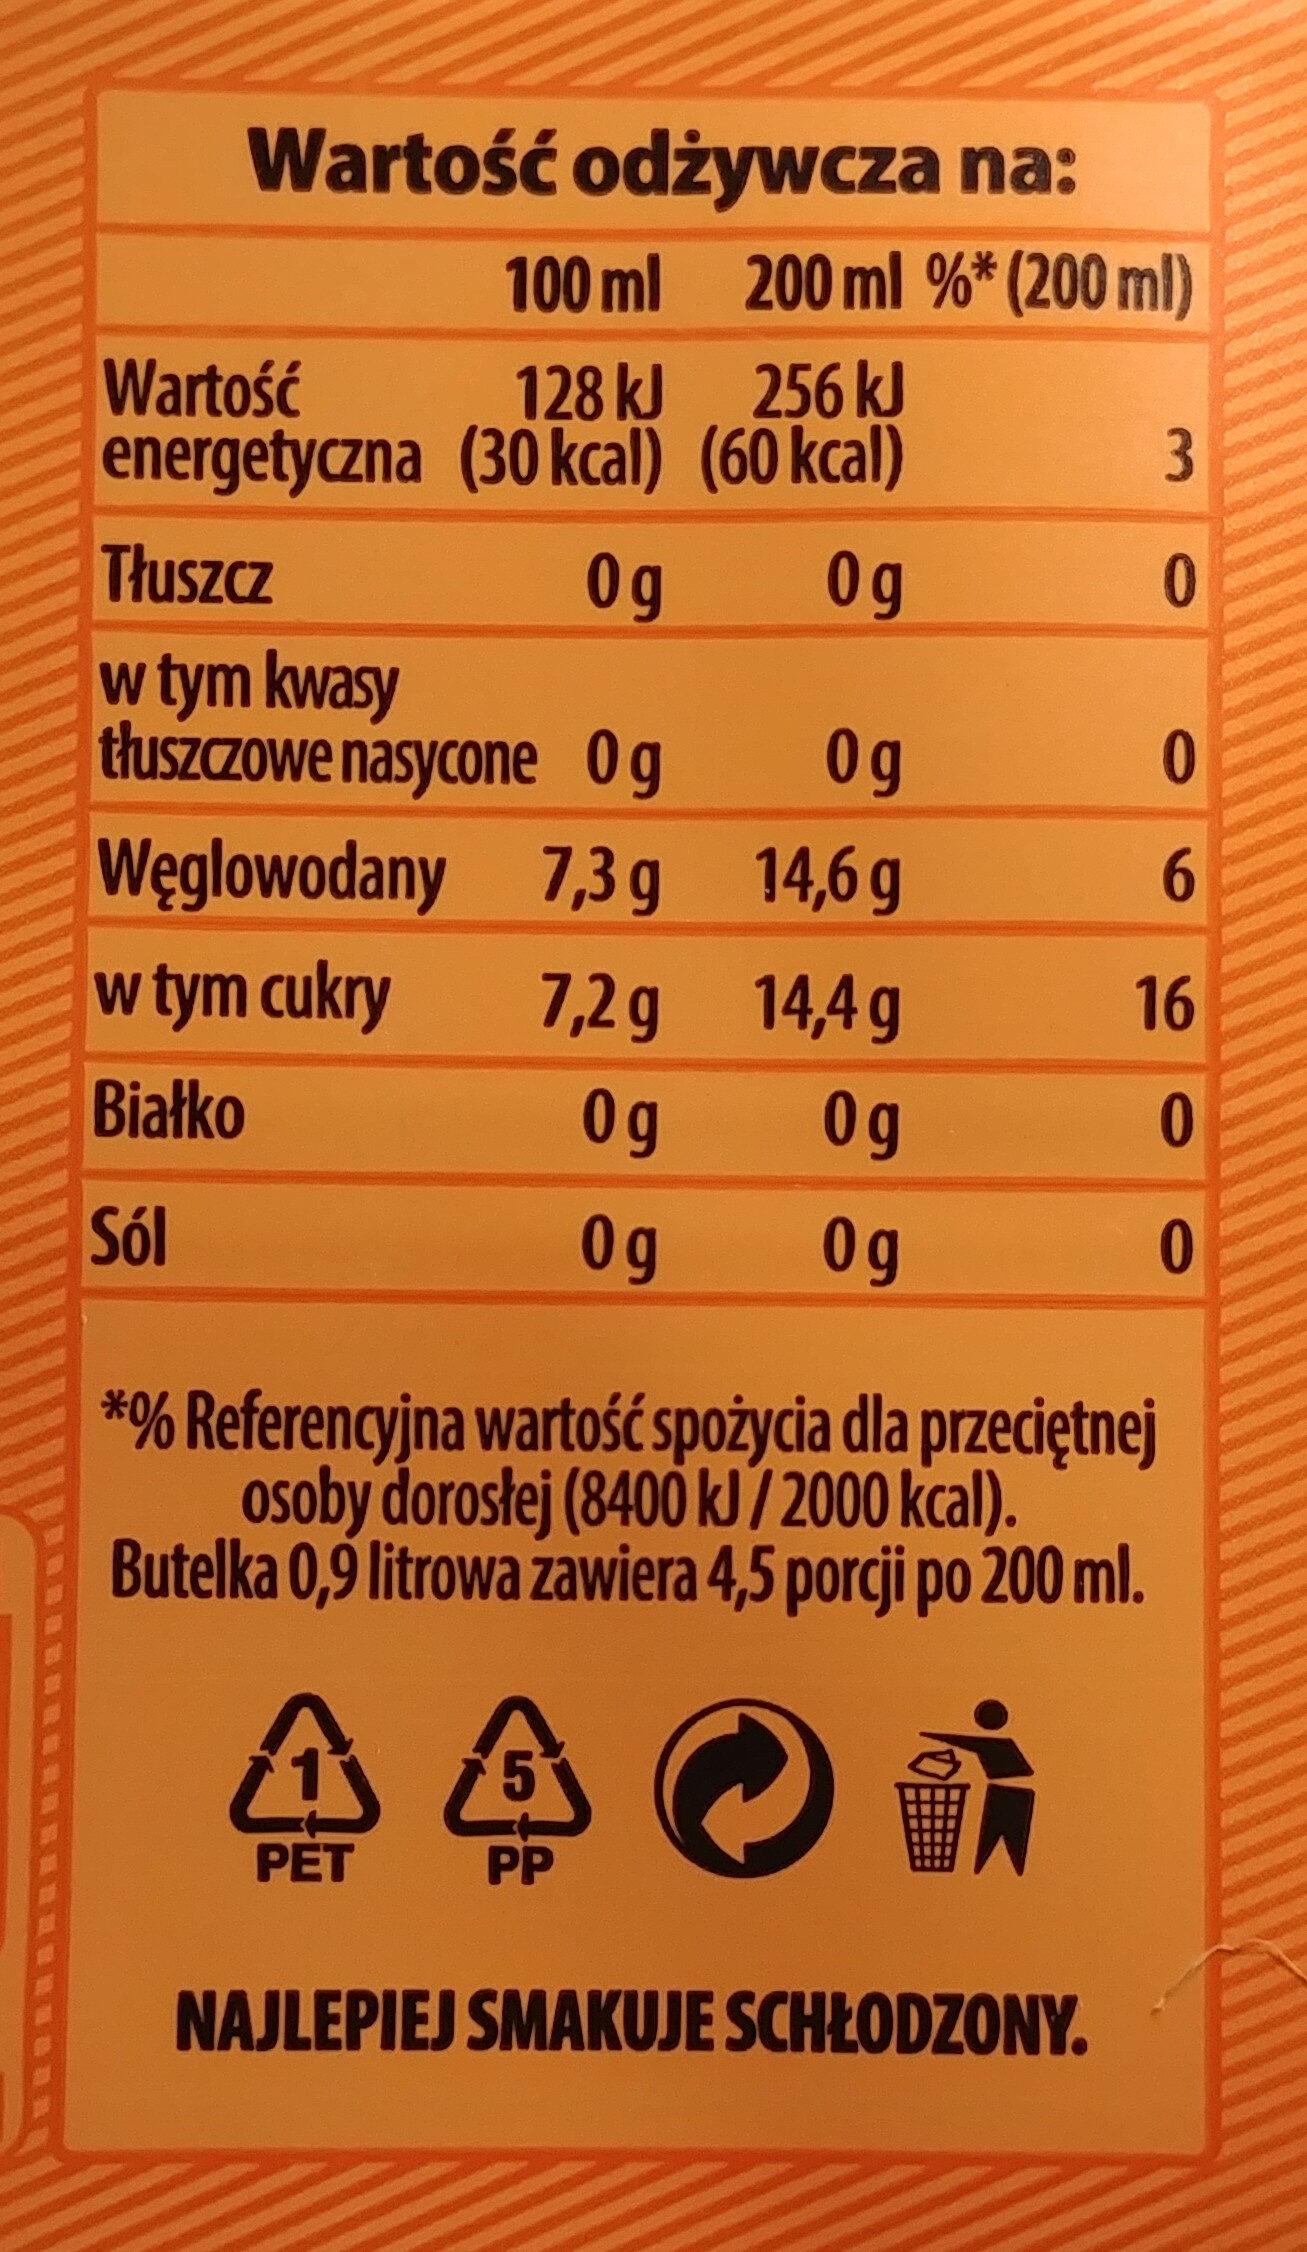 Napój gazowany o smaku cytrusowym. - Informations nutritionnelles - pl